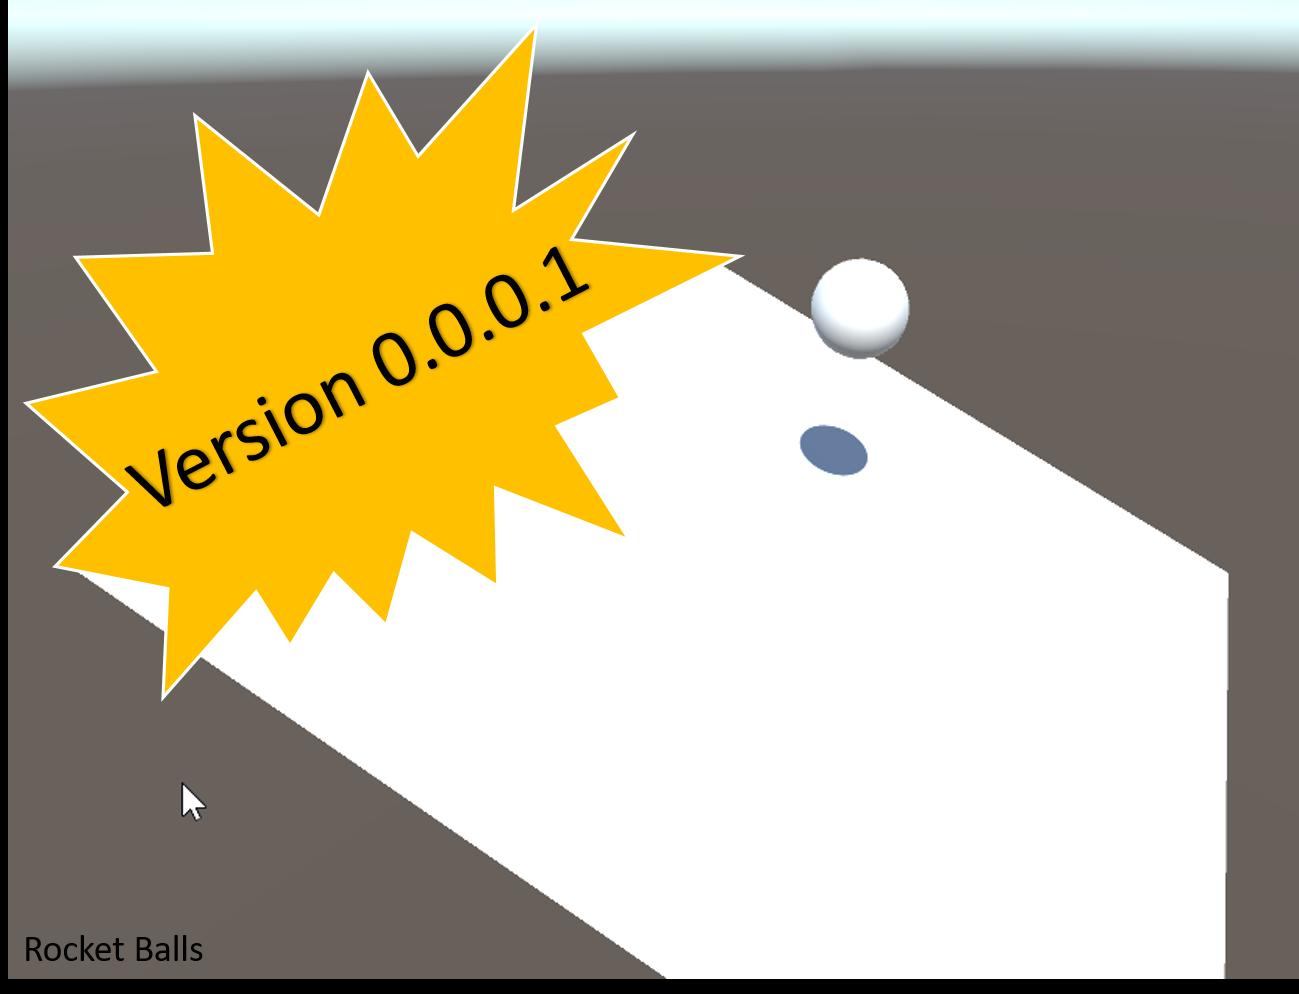 Rocket Balls Version 0.0.0.1